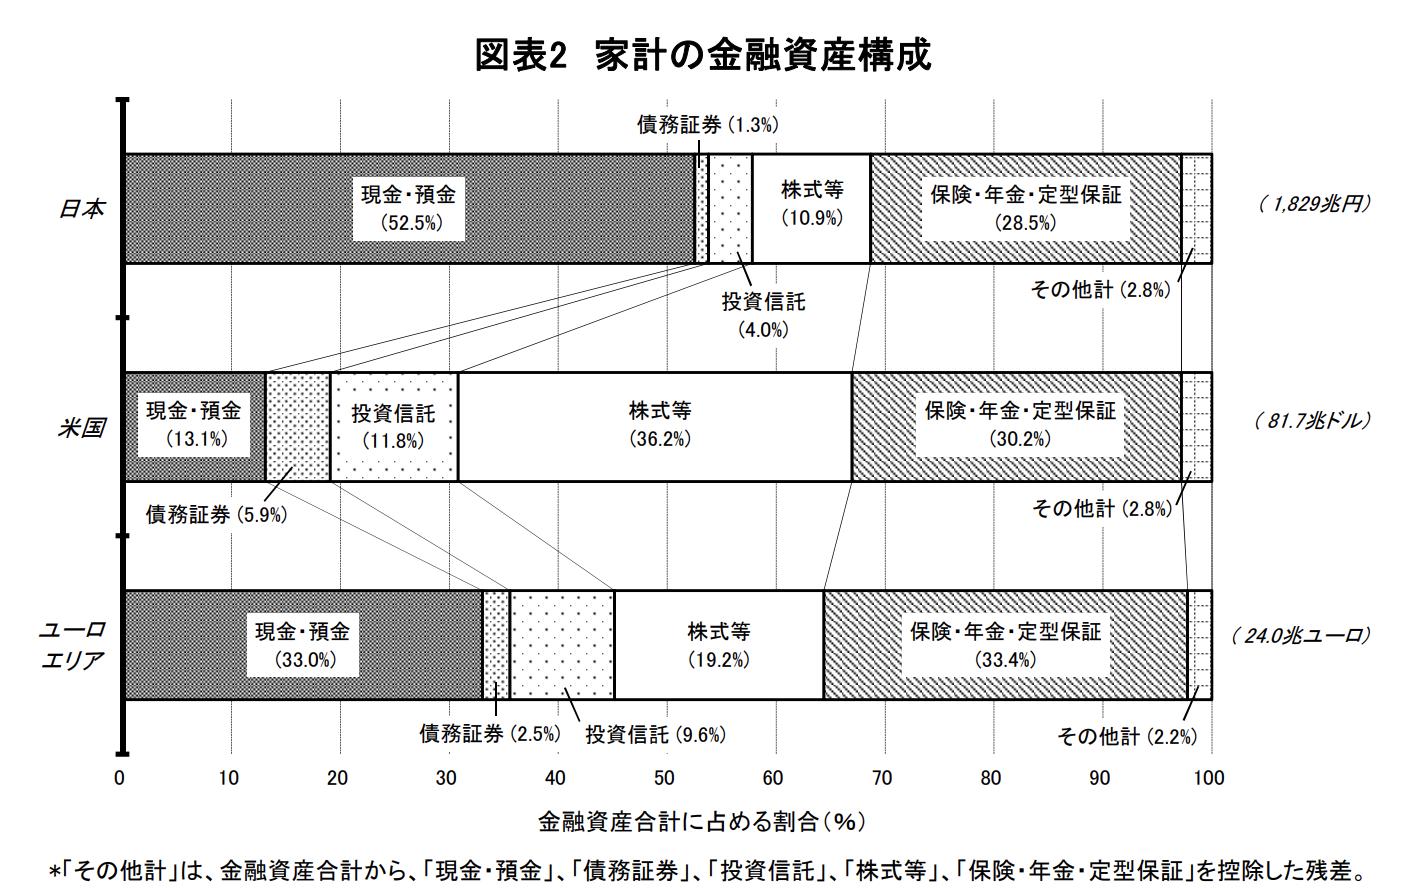 家計の金融資産構成